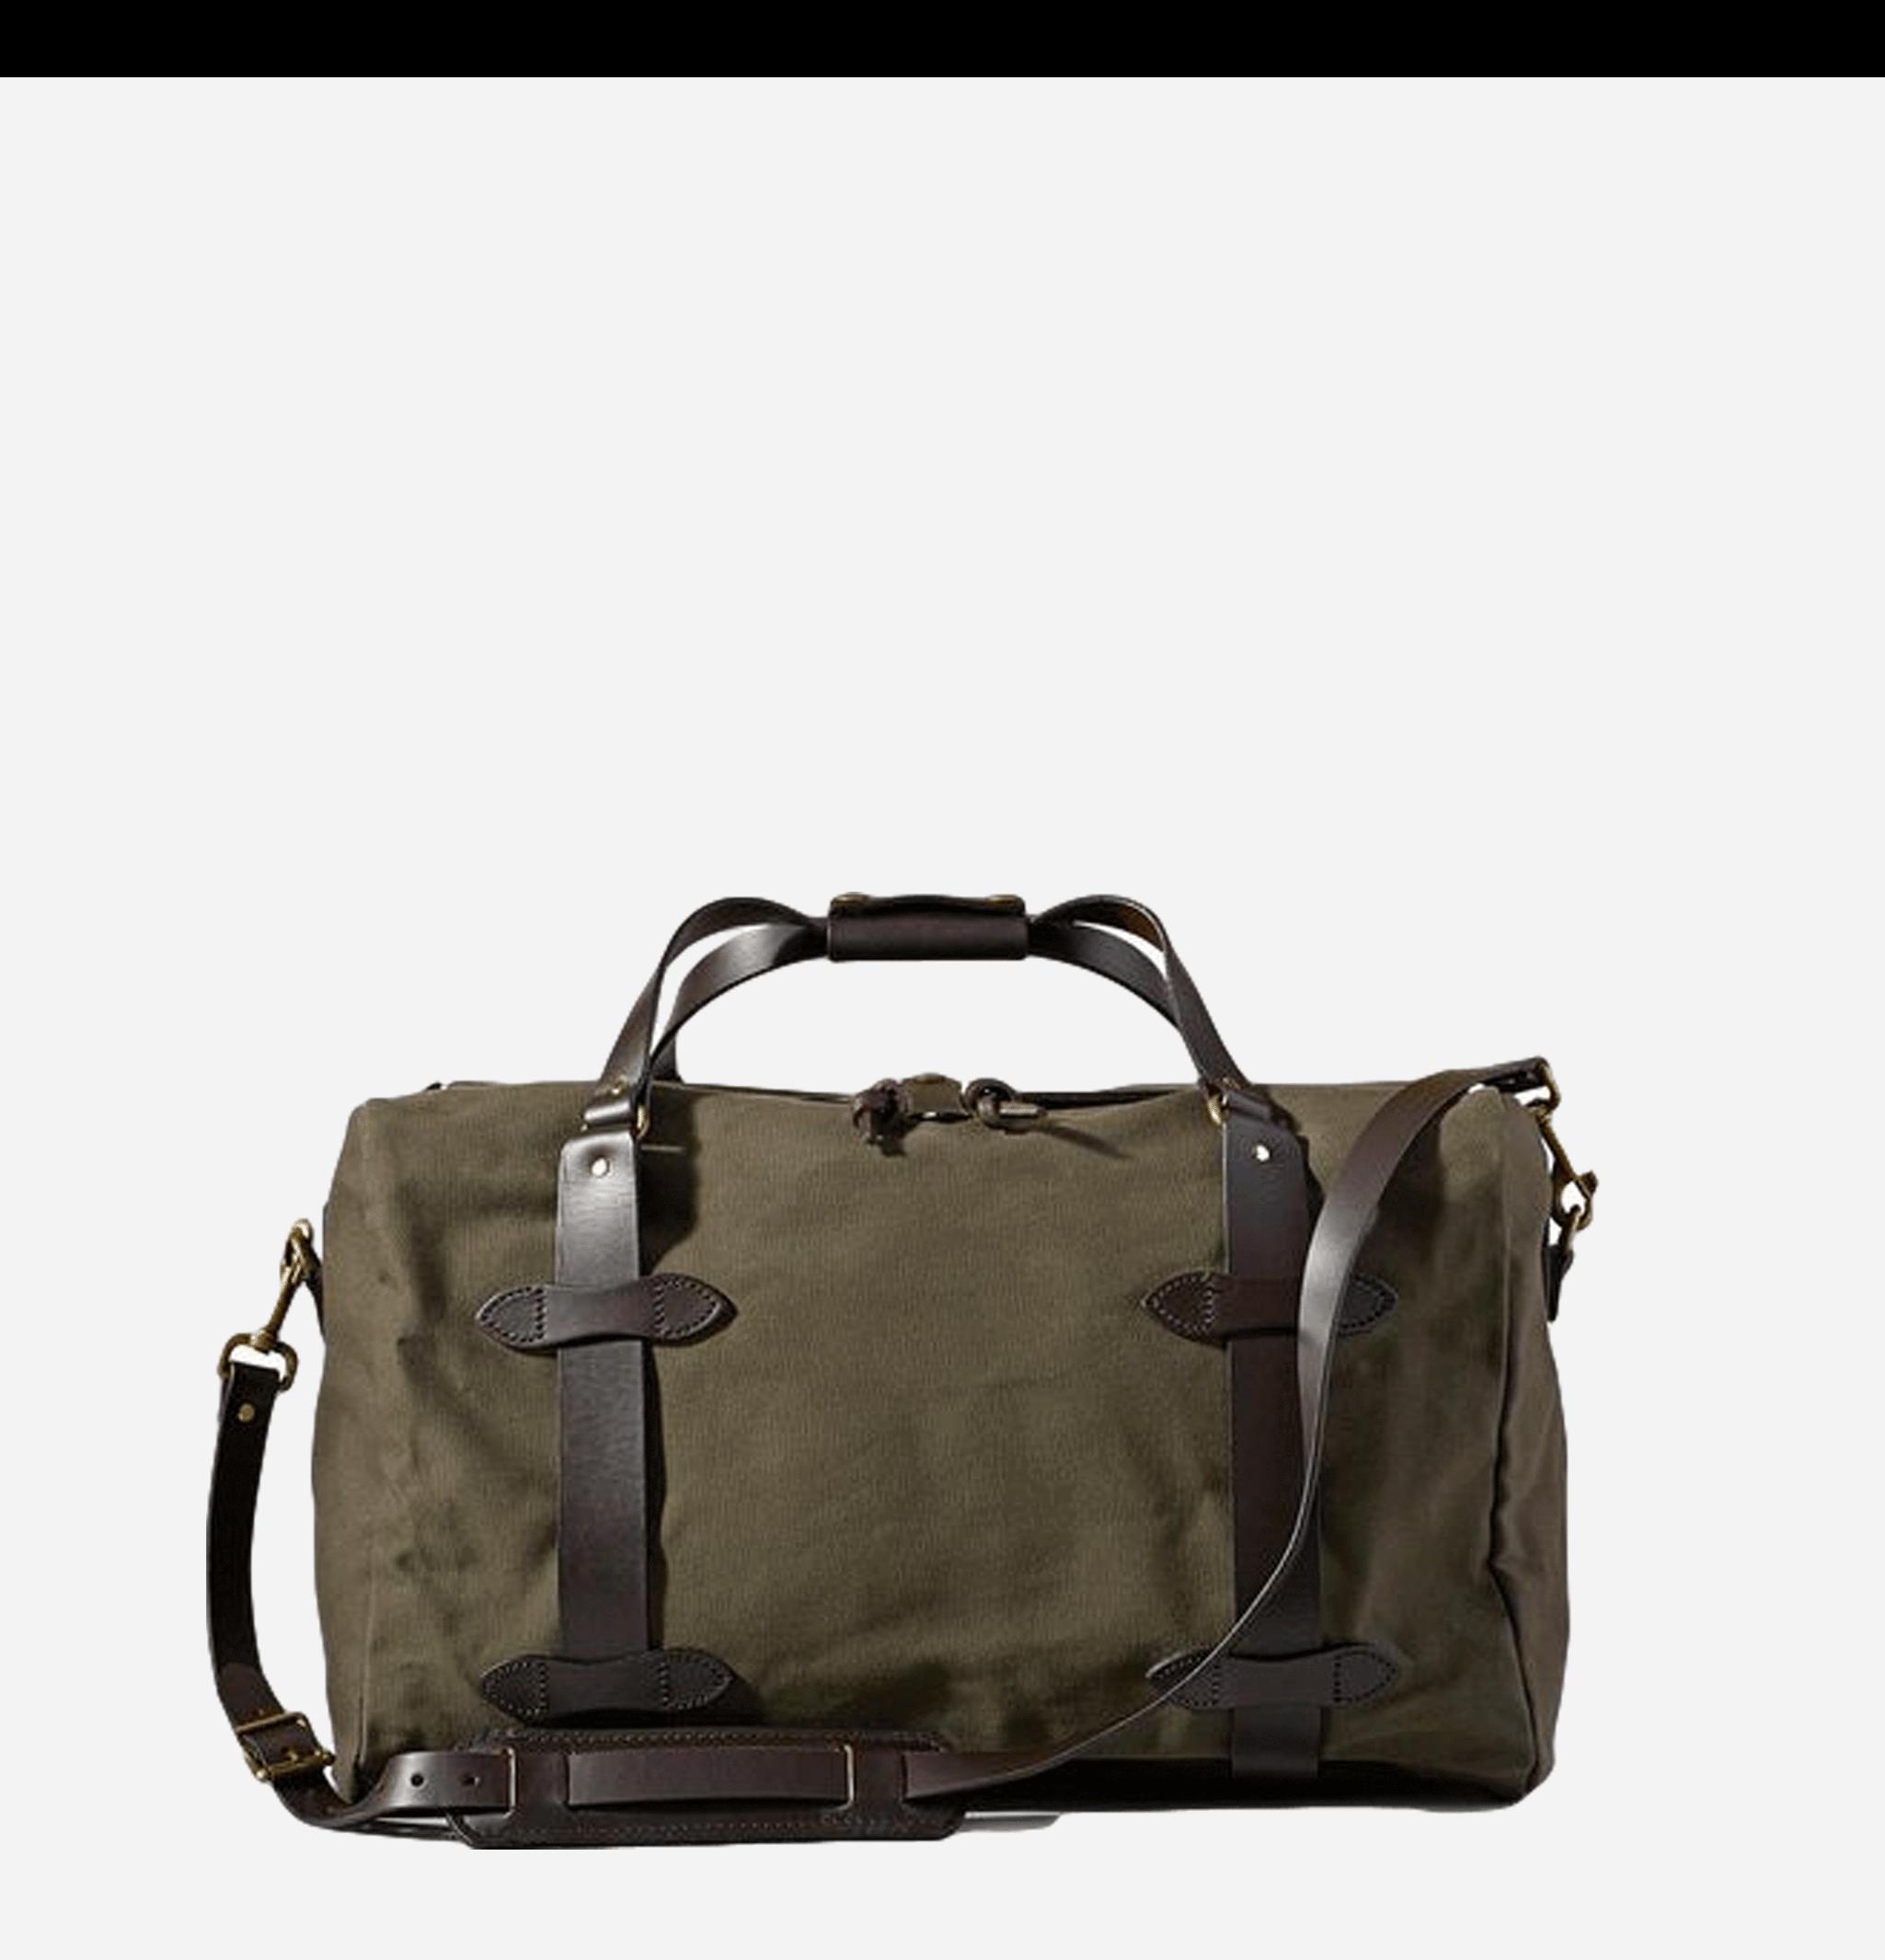 70325 - Medium Duffle Bag...